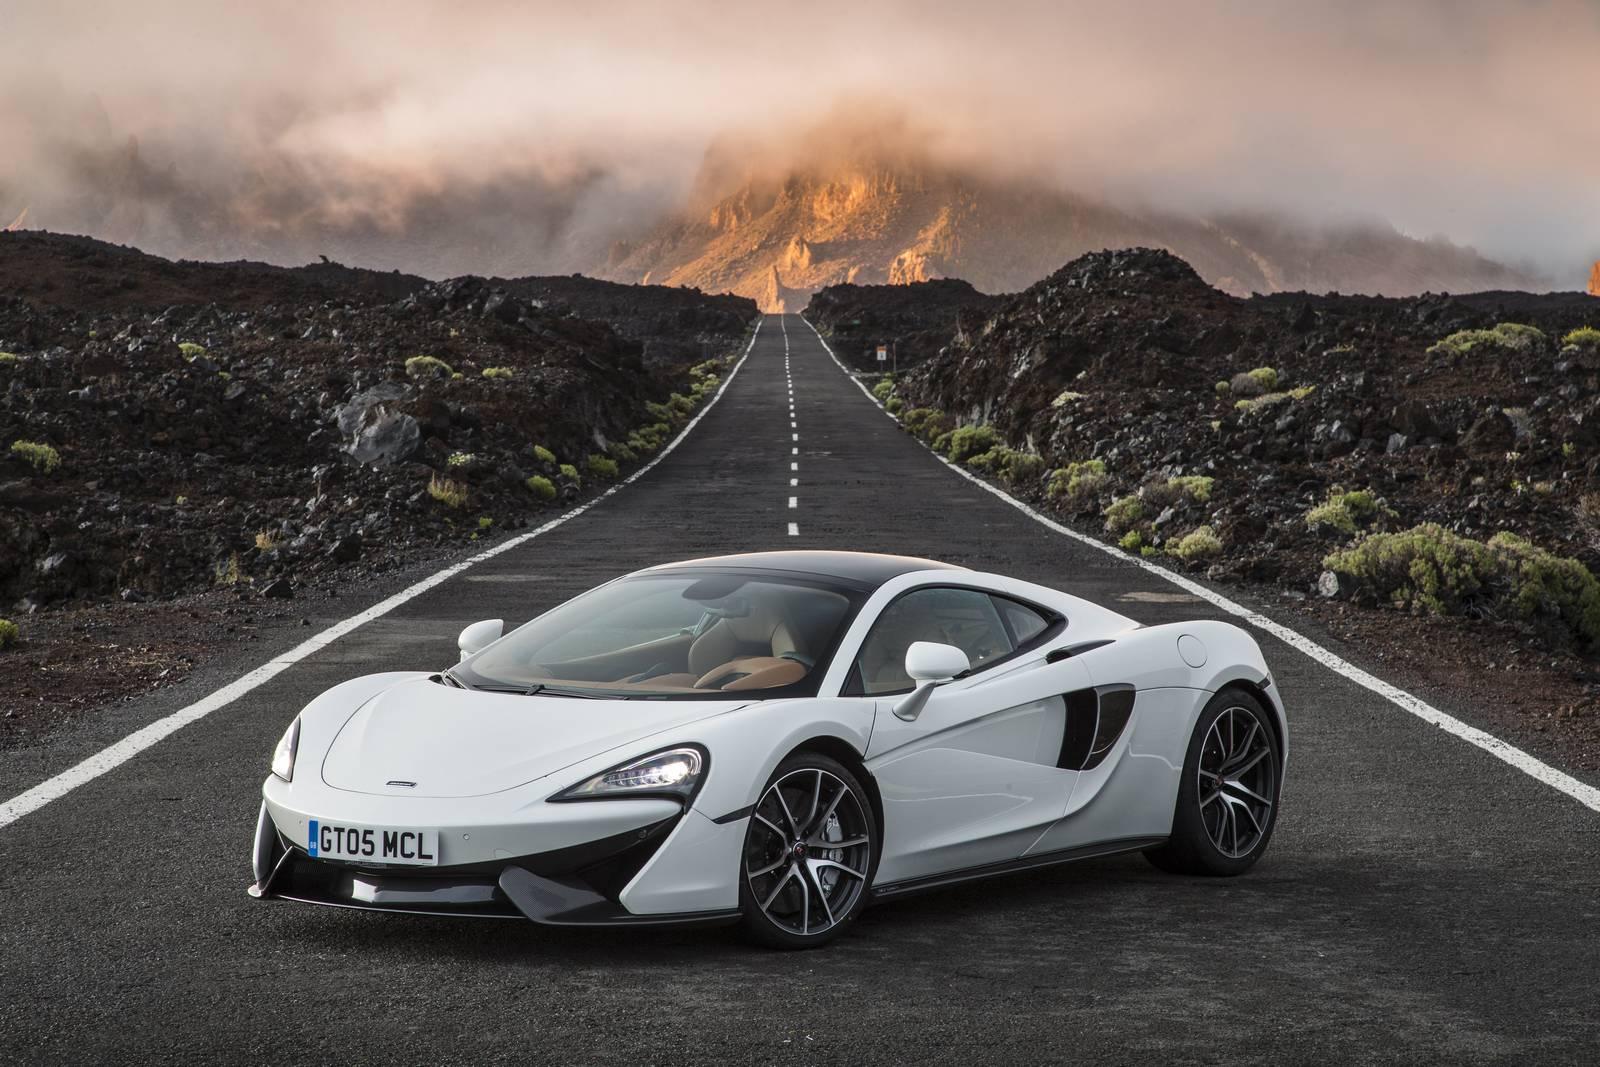 https://storage.googleapis.com/gtspirit/uploads/2017/02/McLaren-570GT-1.jpg